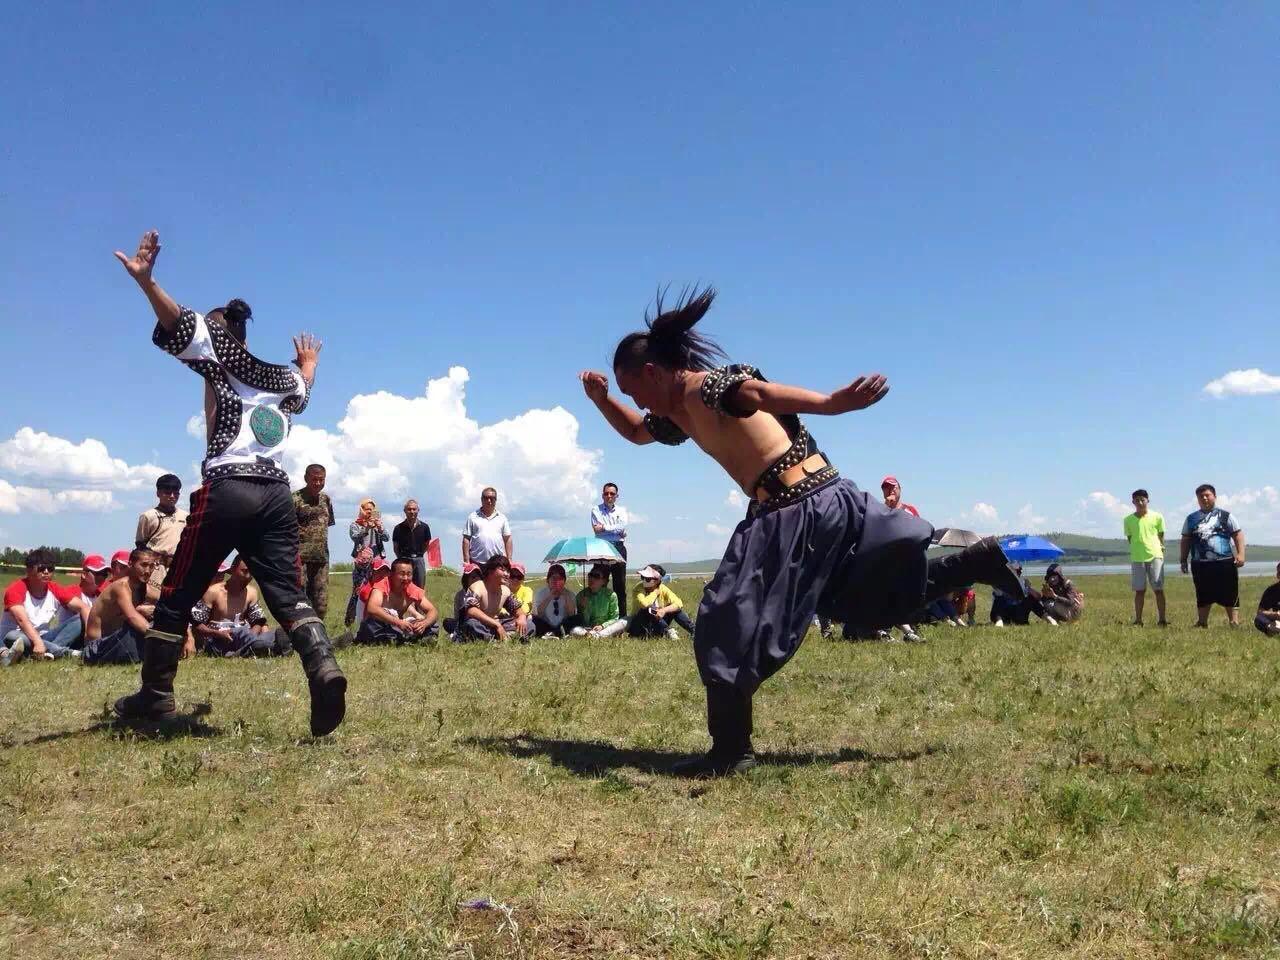 蒙古族赛马,摔跤